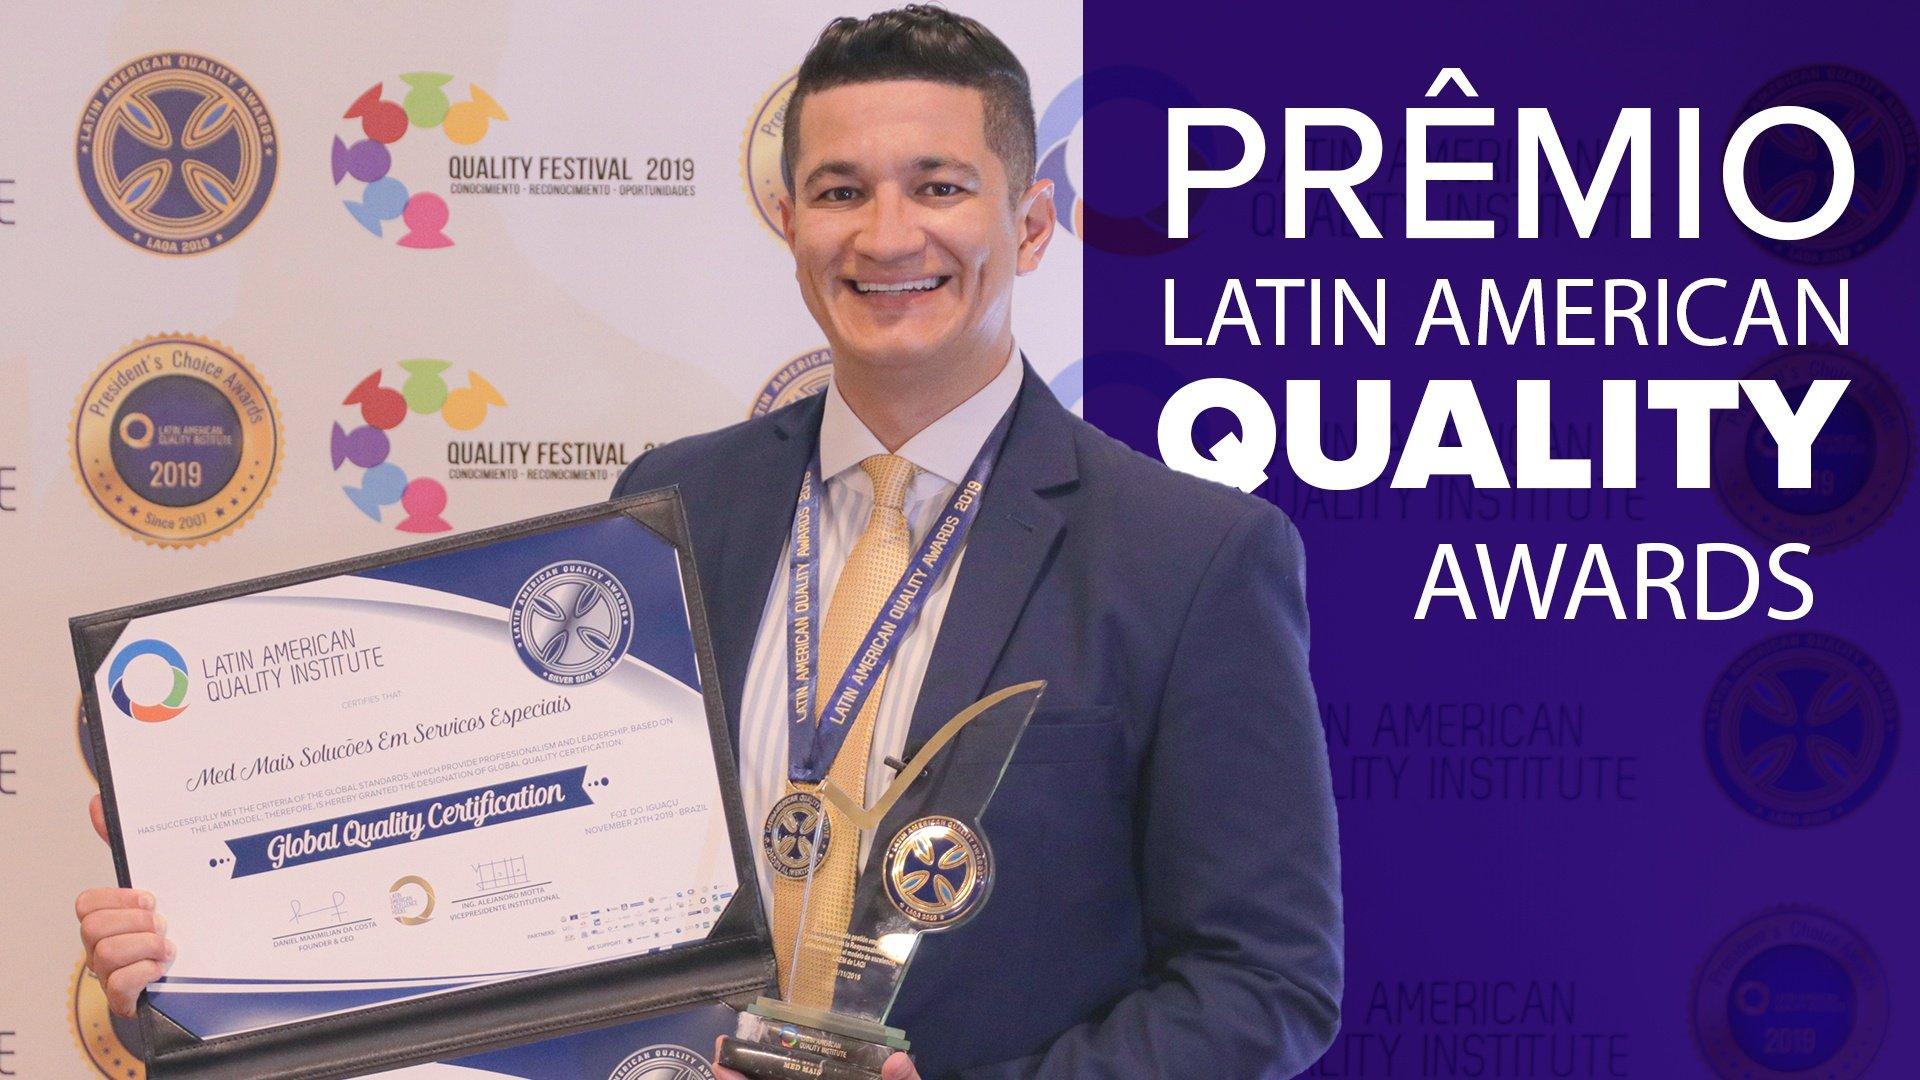 Grupo Med Mais conquista prêmio internacional de Qualidade